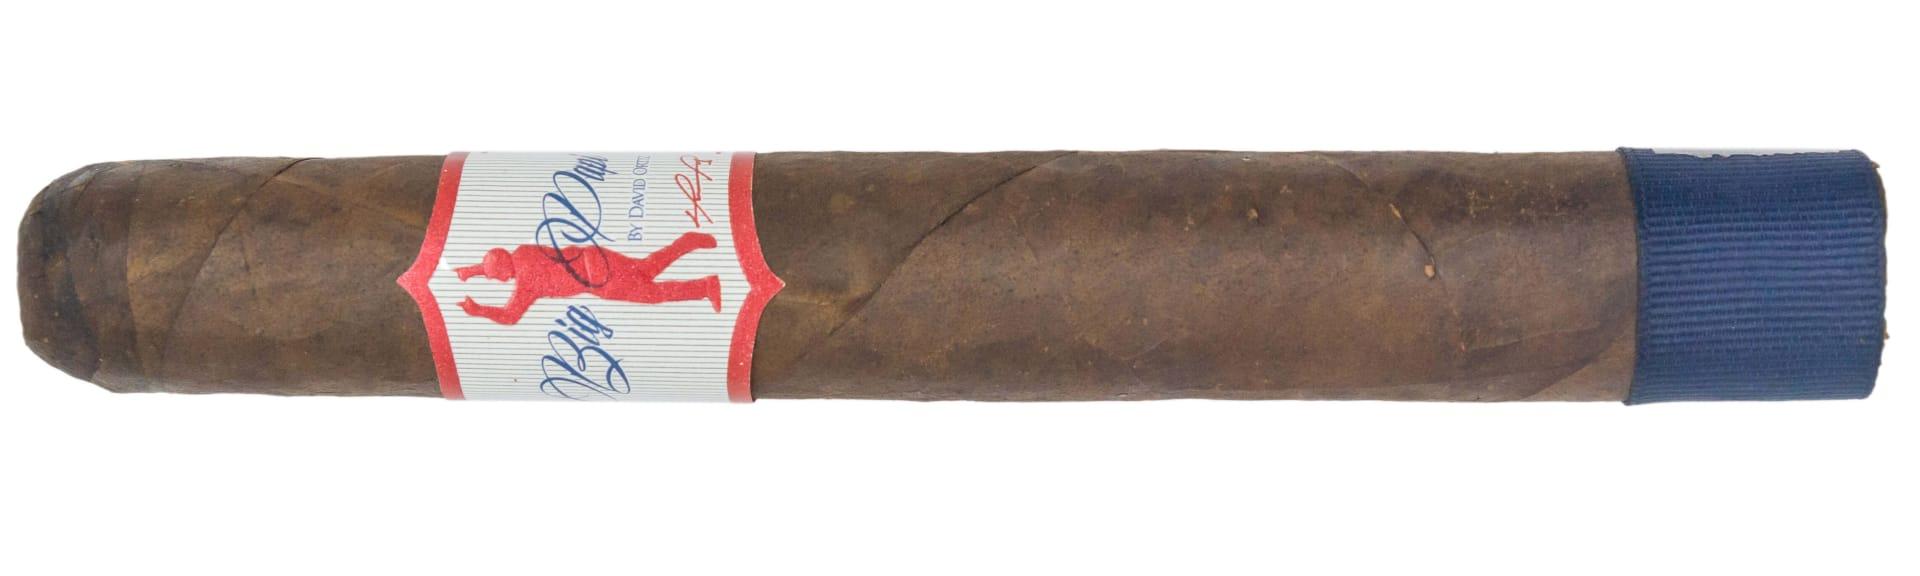 Blind Cigar Review: El Artista   Big Papi Slugger Featured Image